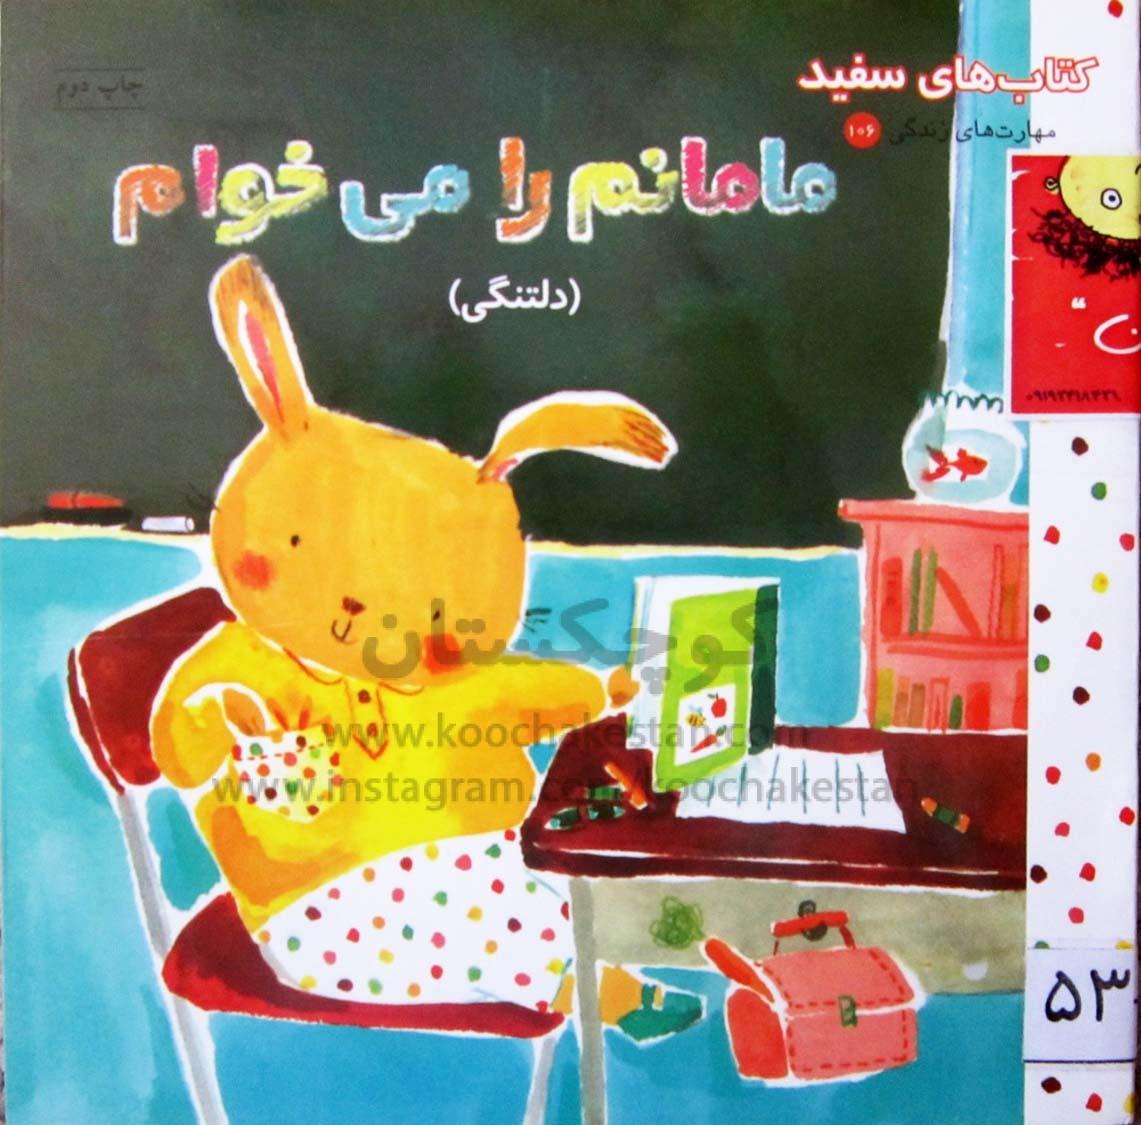 مامانم را می خوام - کتابخانه کودک - کوچکستان